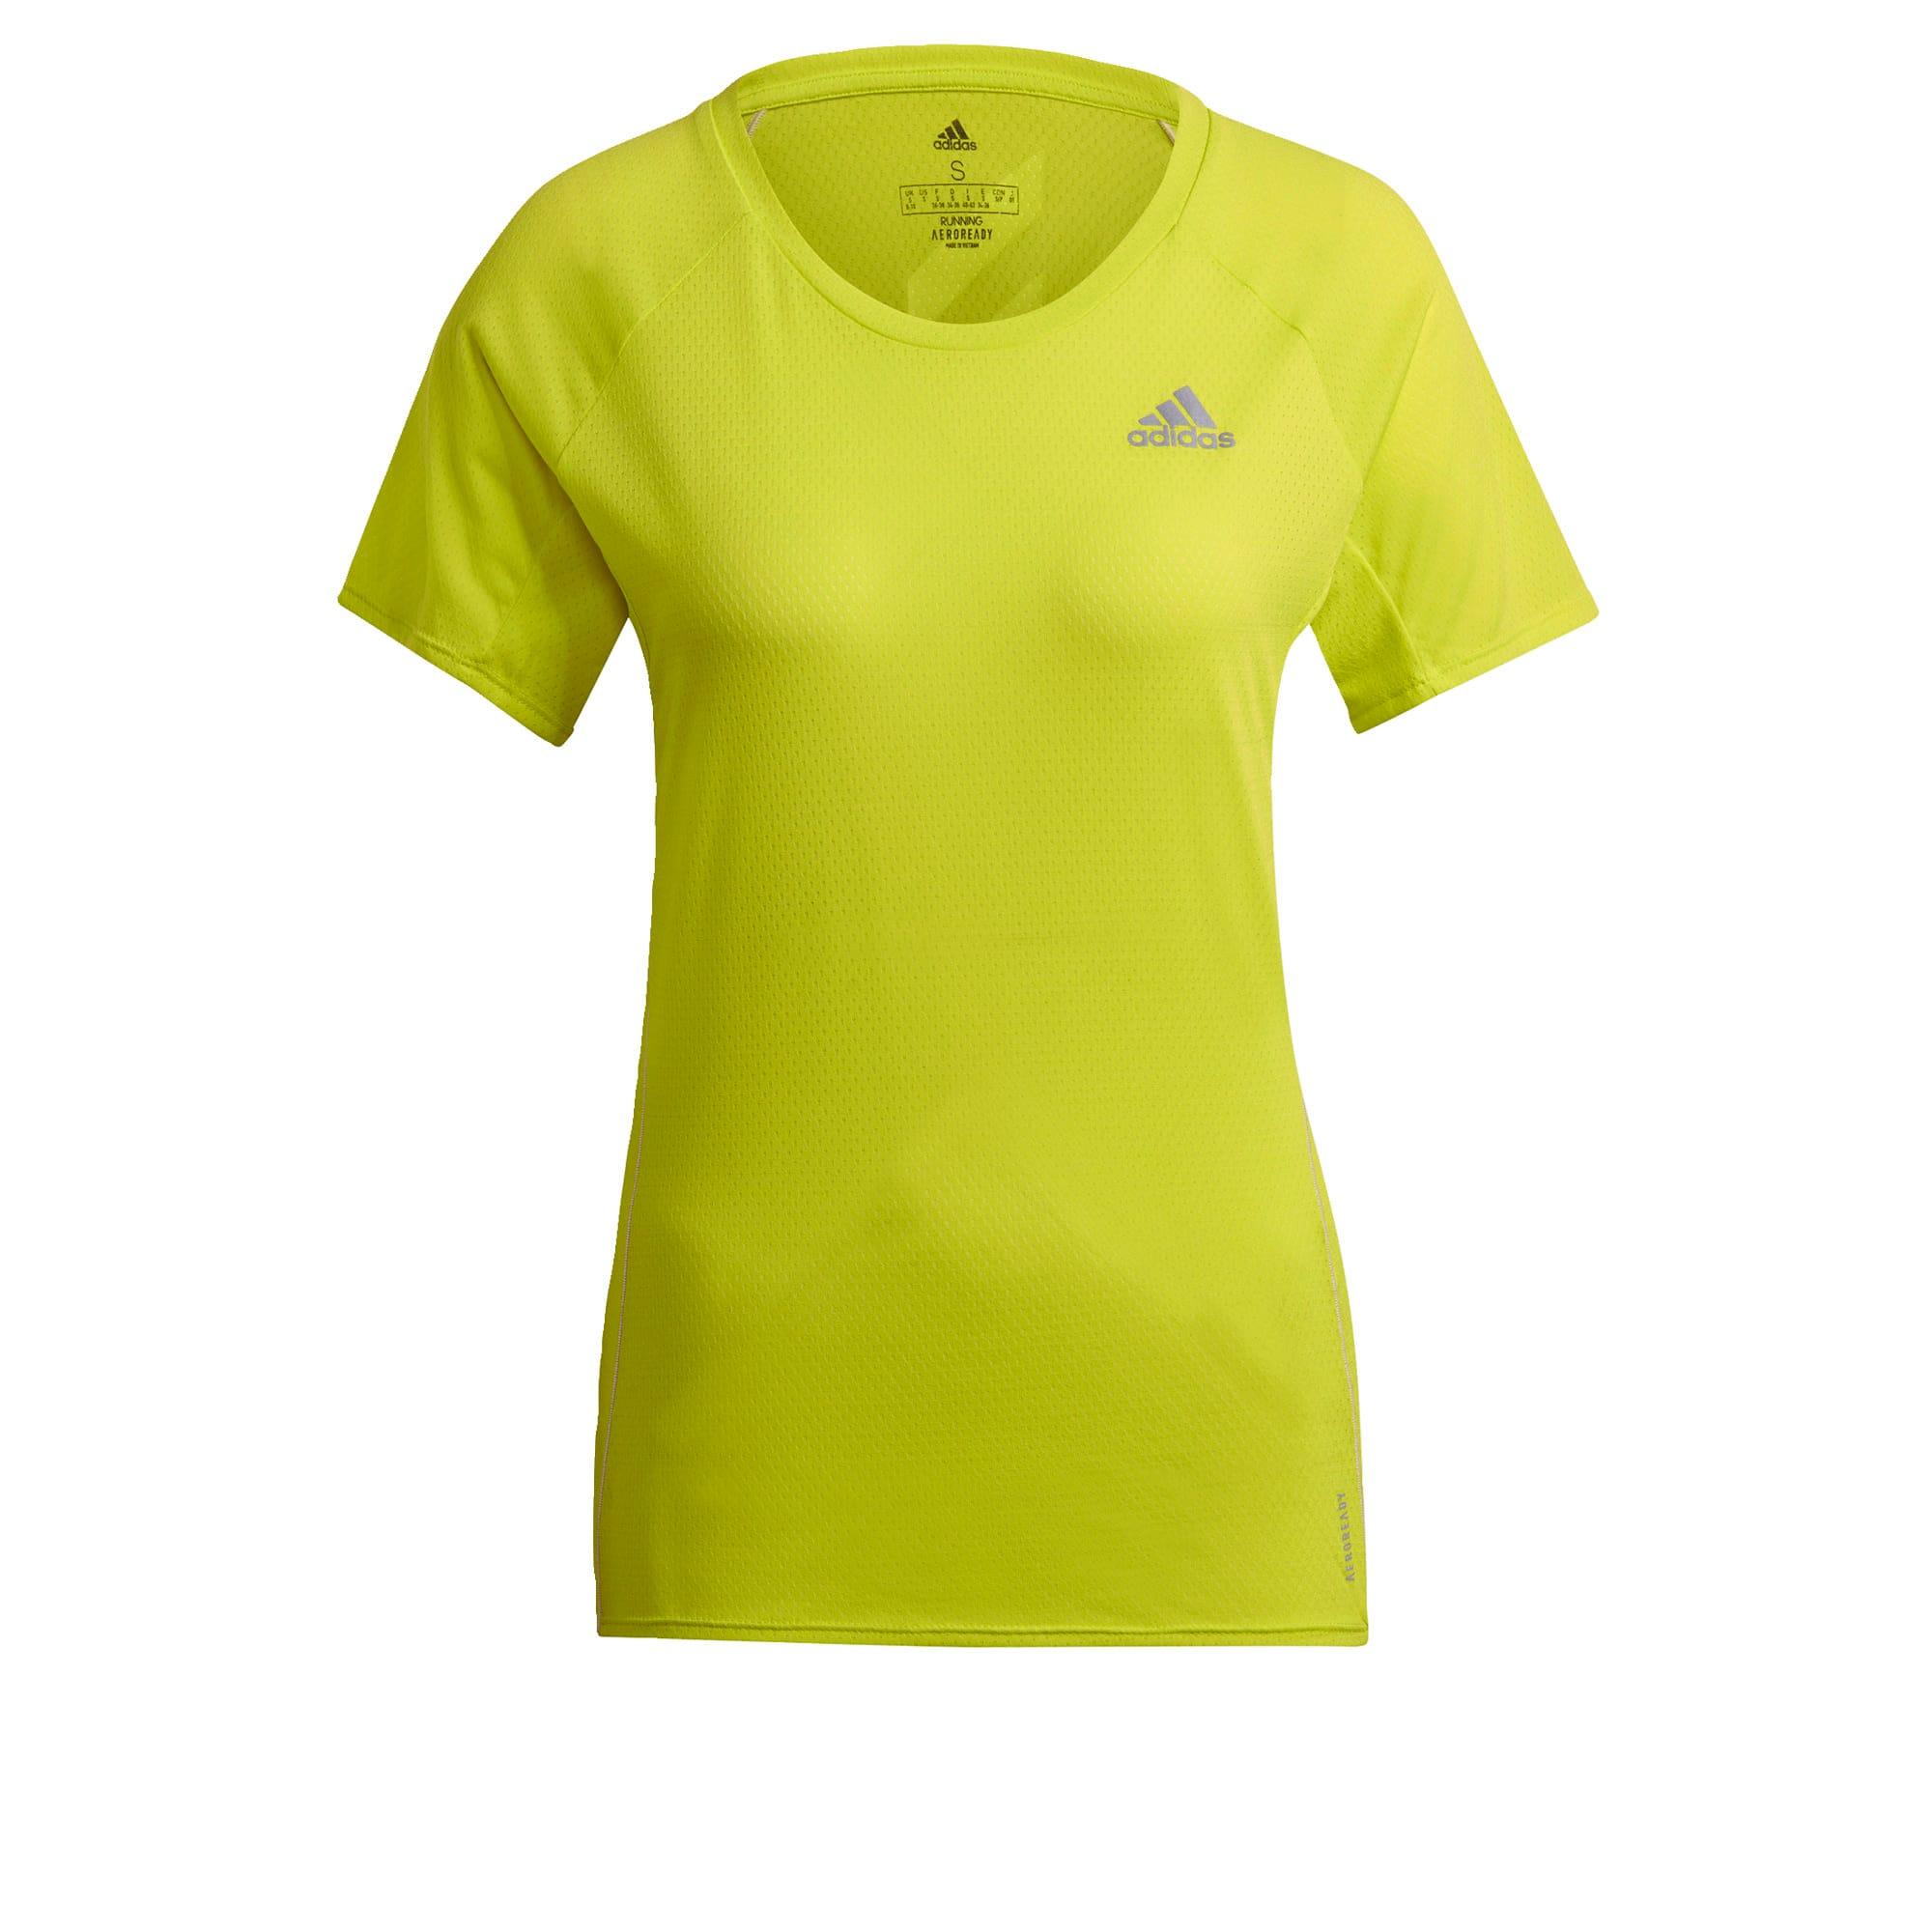 ADIDAS PERFORMANCE Marškinėliai geltona